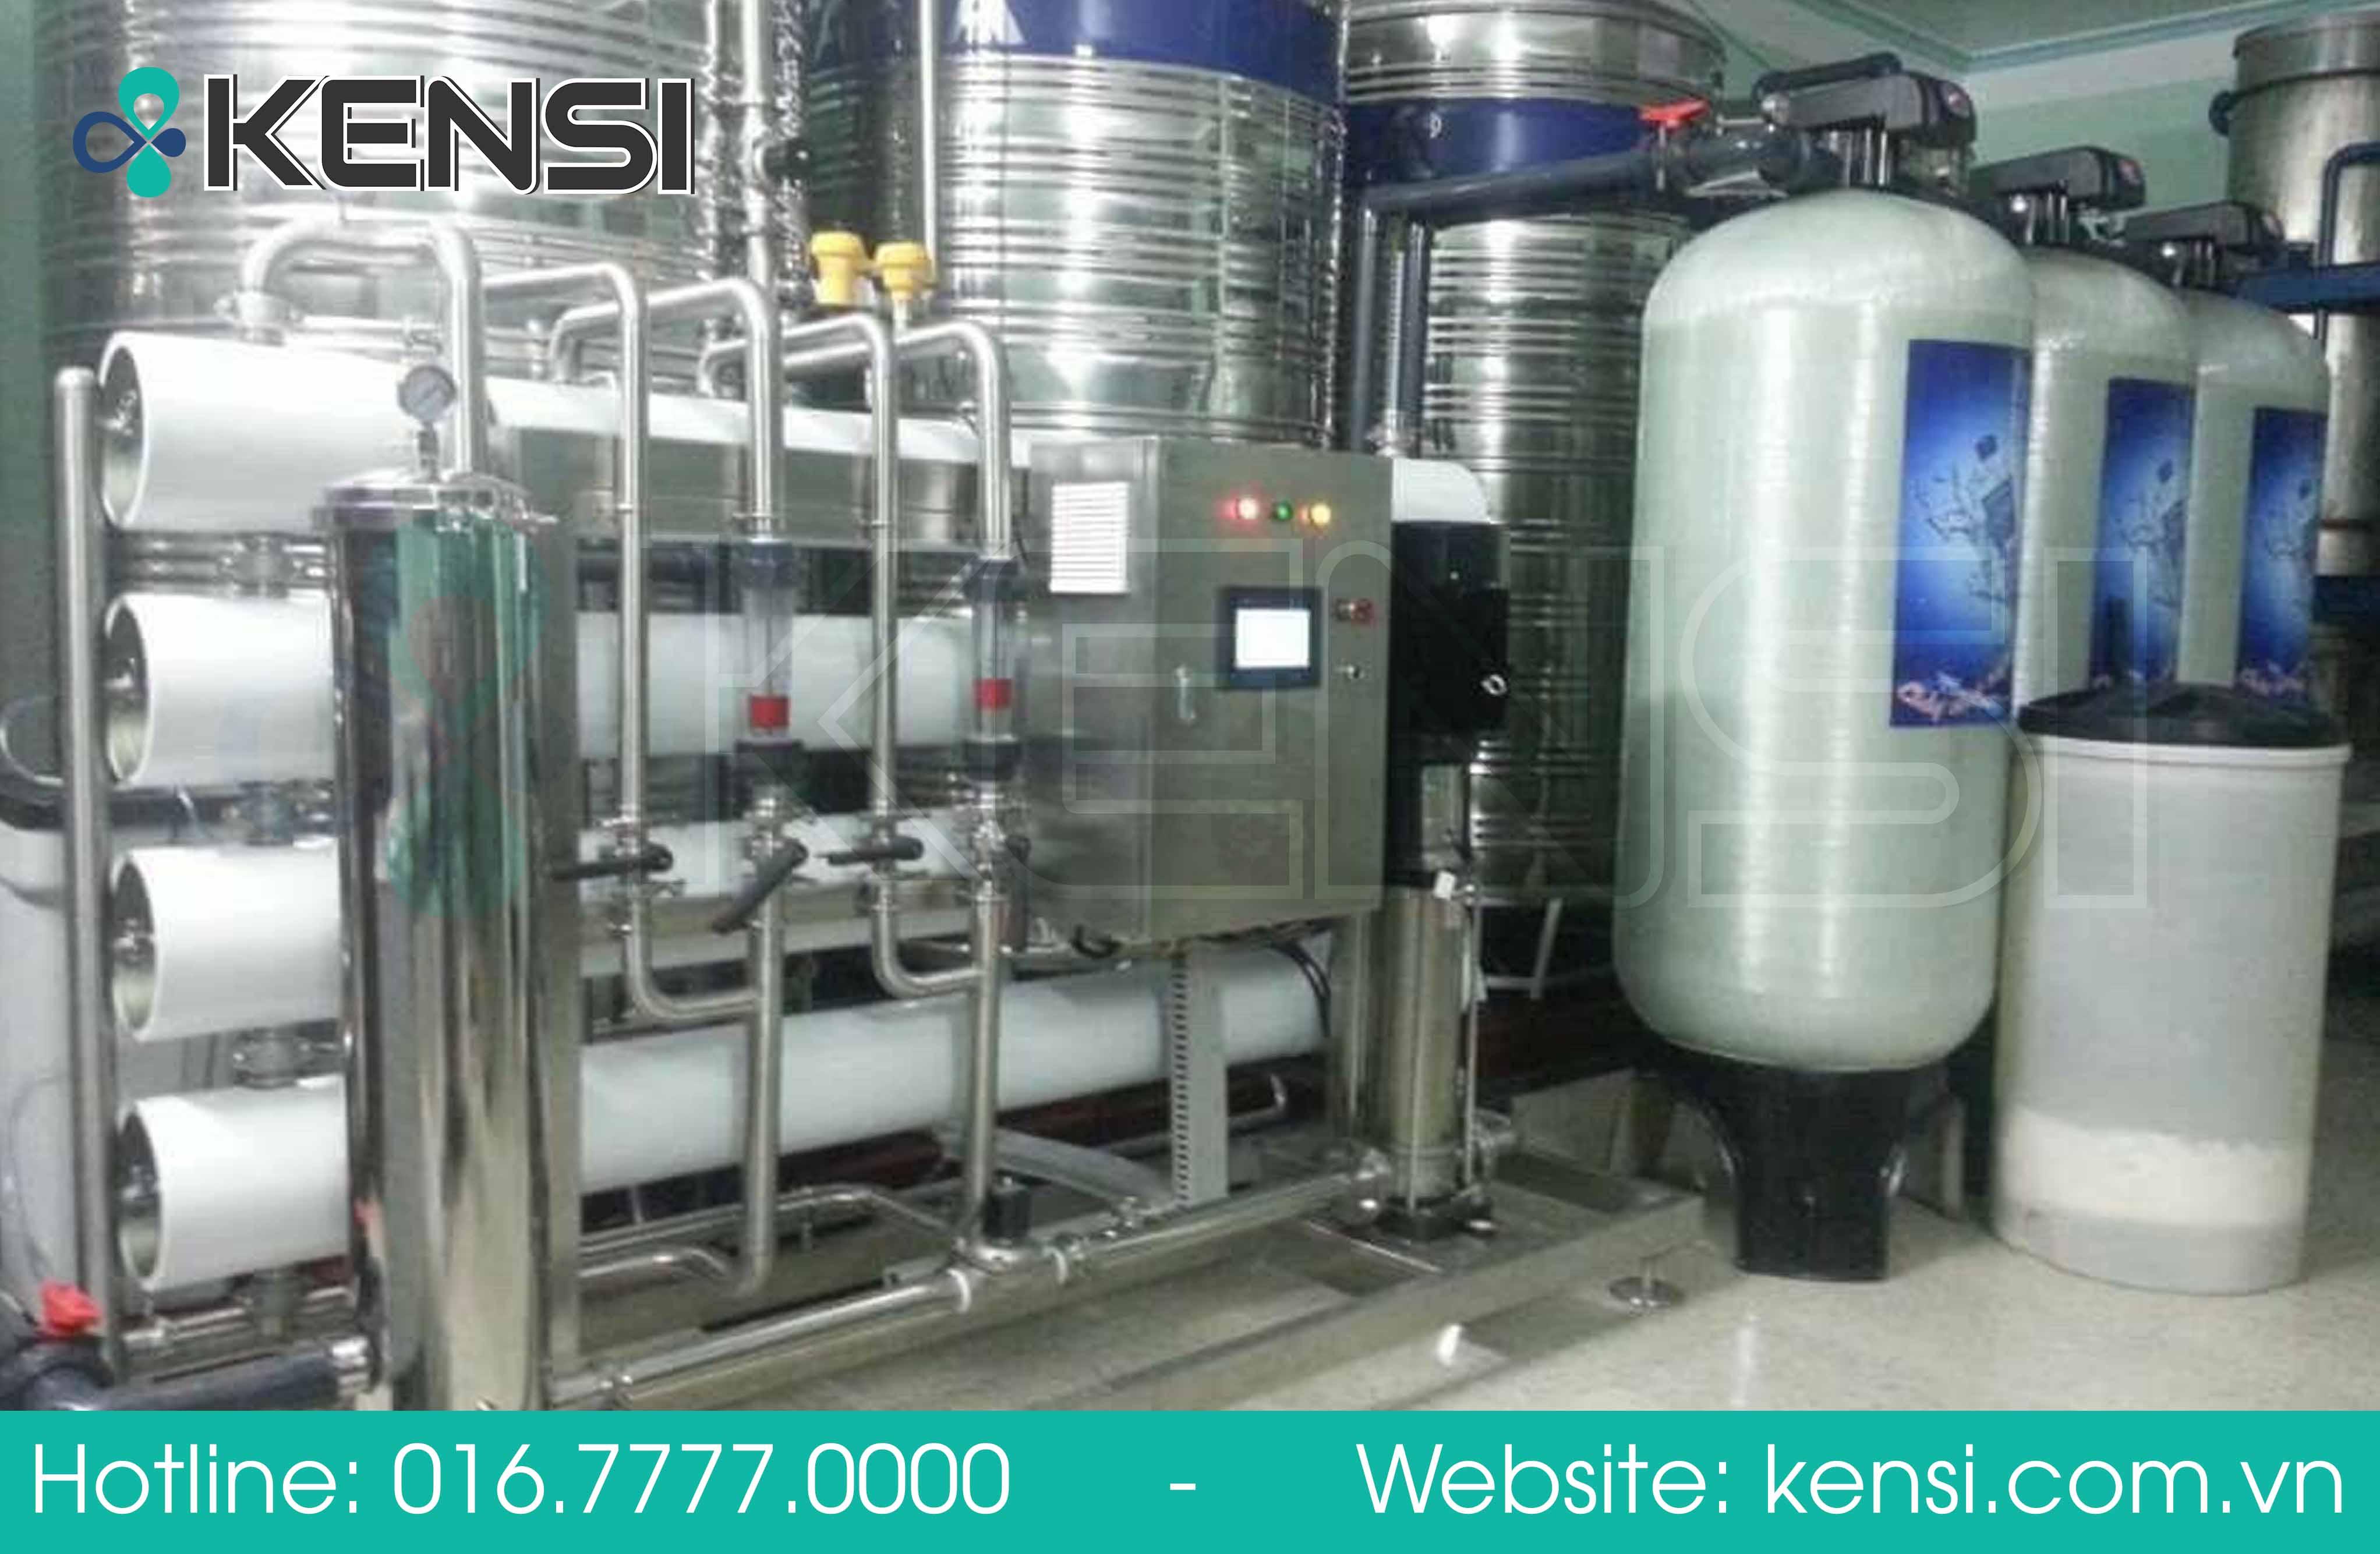 Báo giá lắp đặt máy lọc nước công nghiệp và bán công nghiệp trên địa bàn Hà Nội